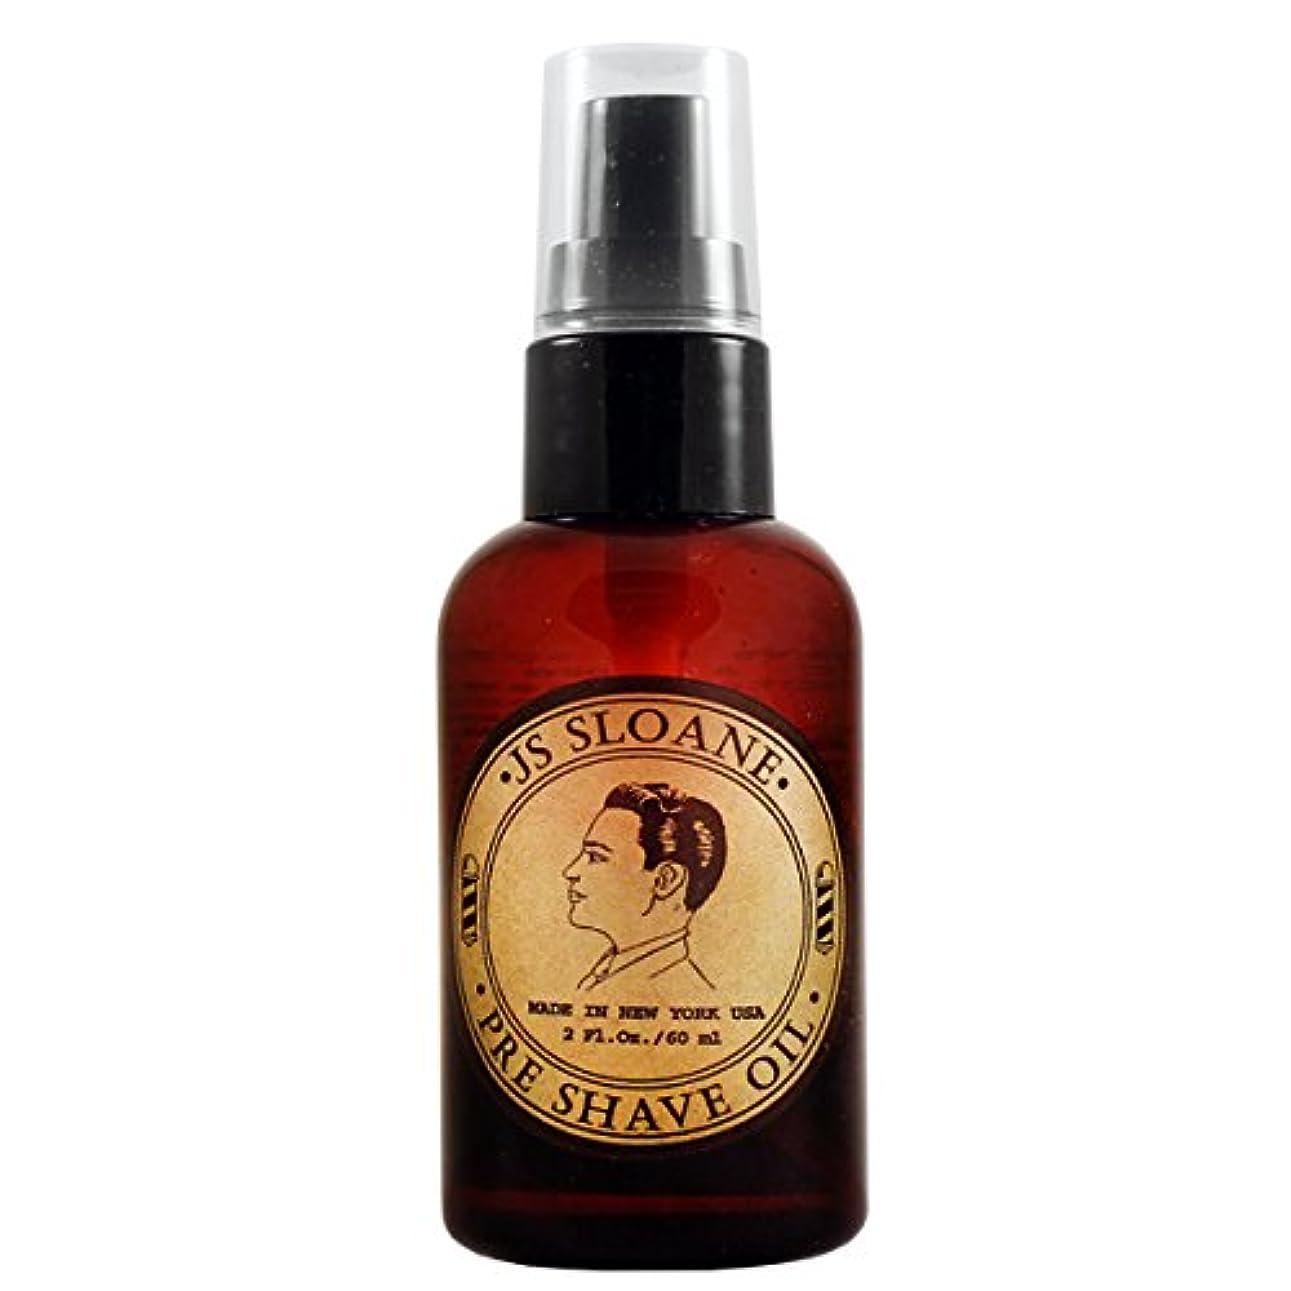 呼び起こすシャッフル療法ジェイエススローン(JS Sloane) プレシェーブオイル Pre Shave Oil メンズ 髭剃り ヒゲ シェービング シェーブ オイル クリーム フォーム